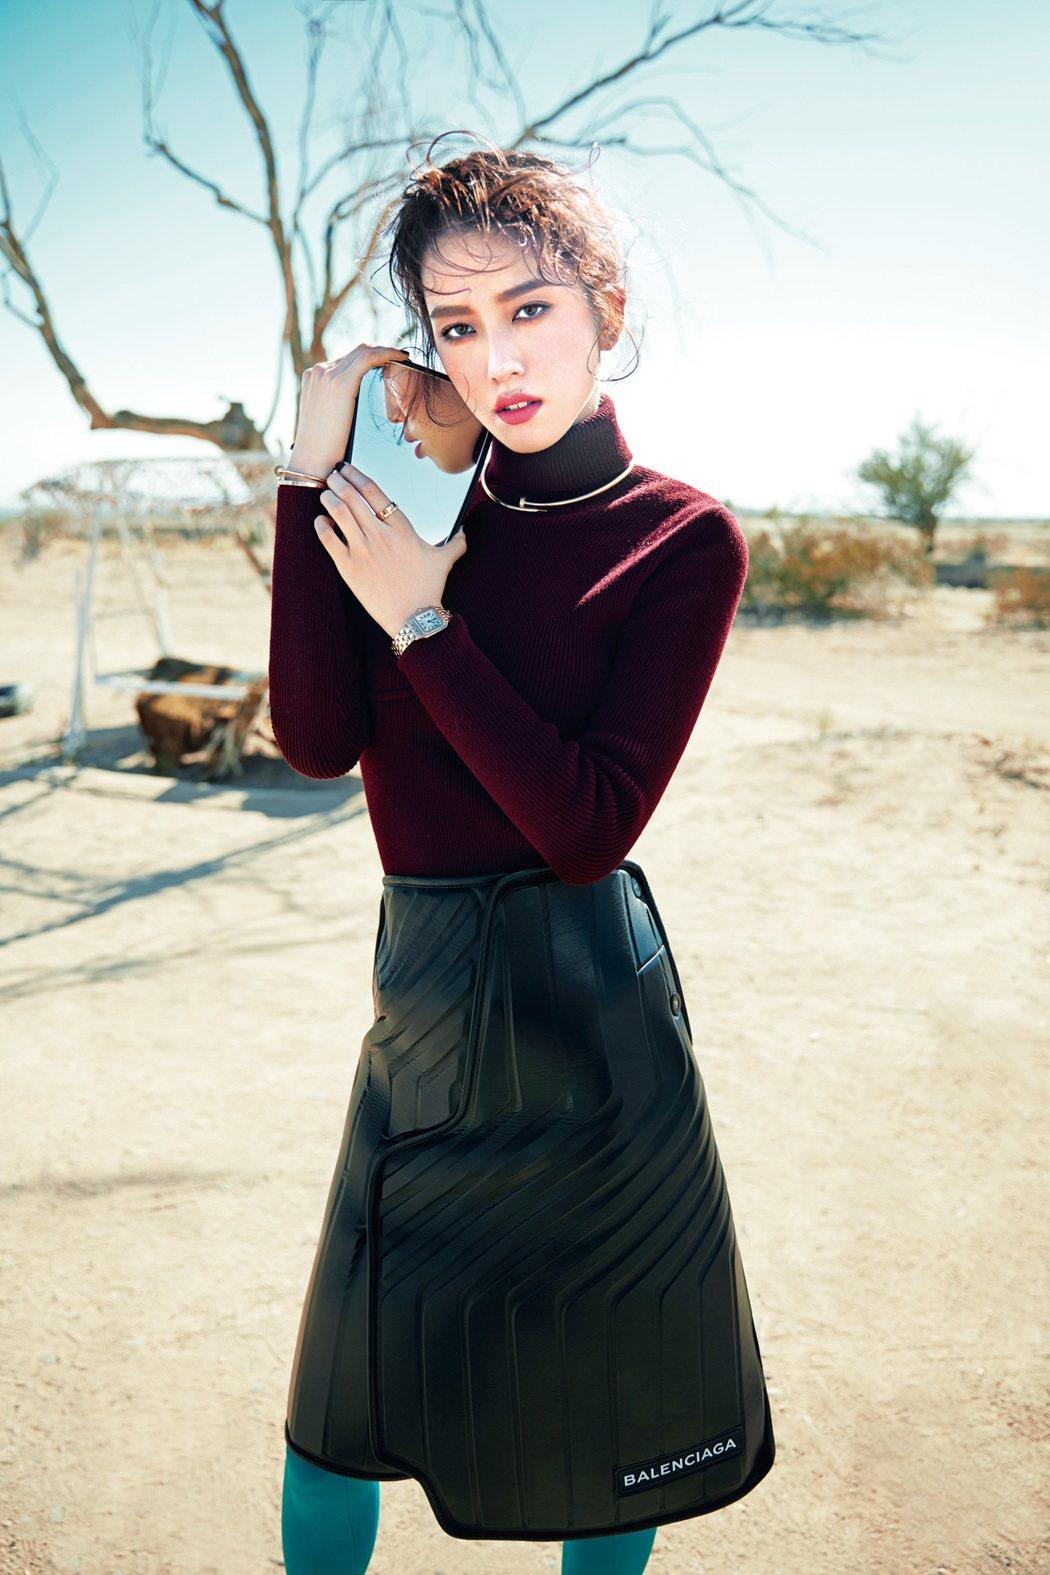 陳庭妮到南加州沙漠取景,高溫熱浪下穿著冬裝,仍不顯疲態。圖/《ELLE》國際中文...